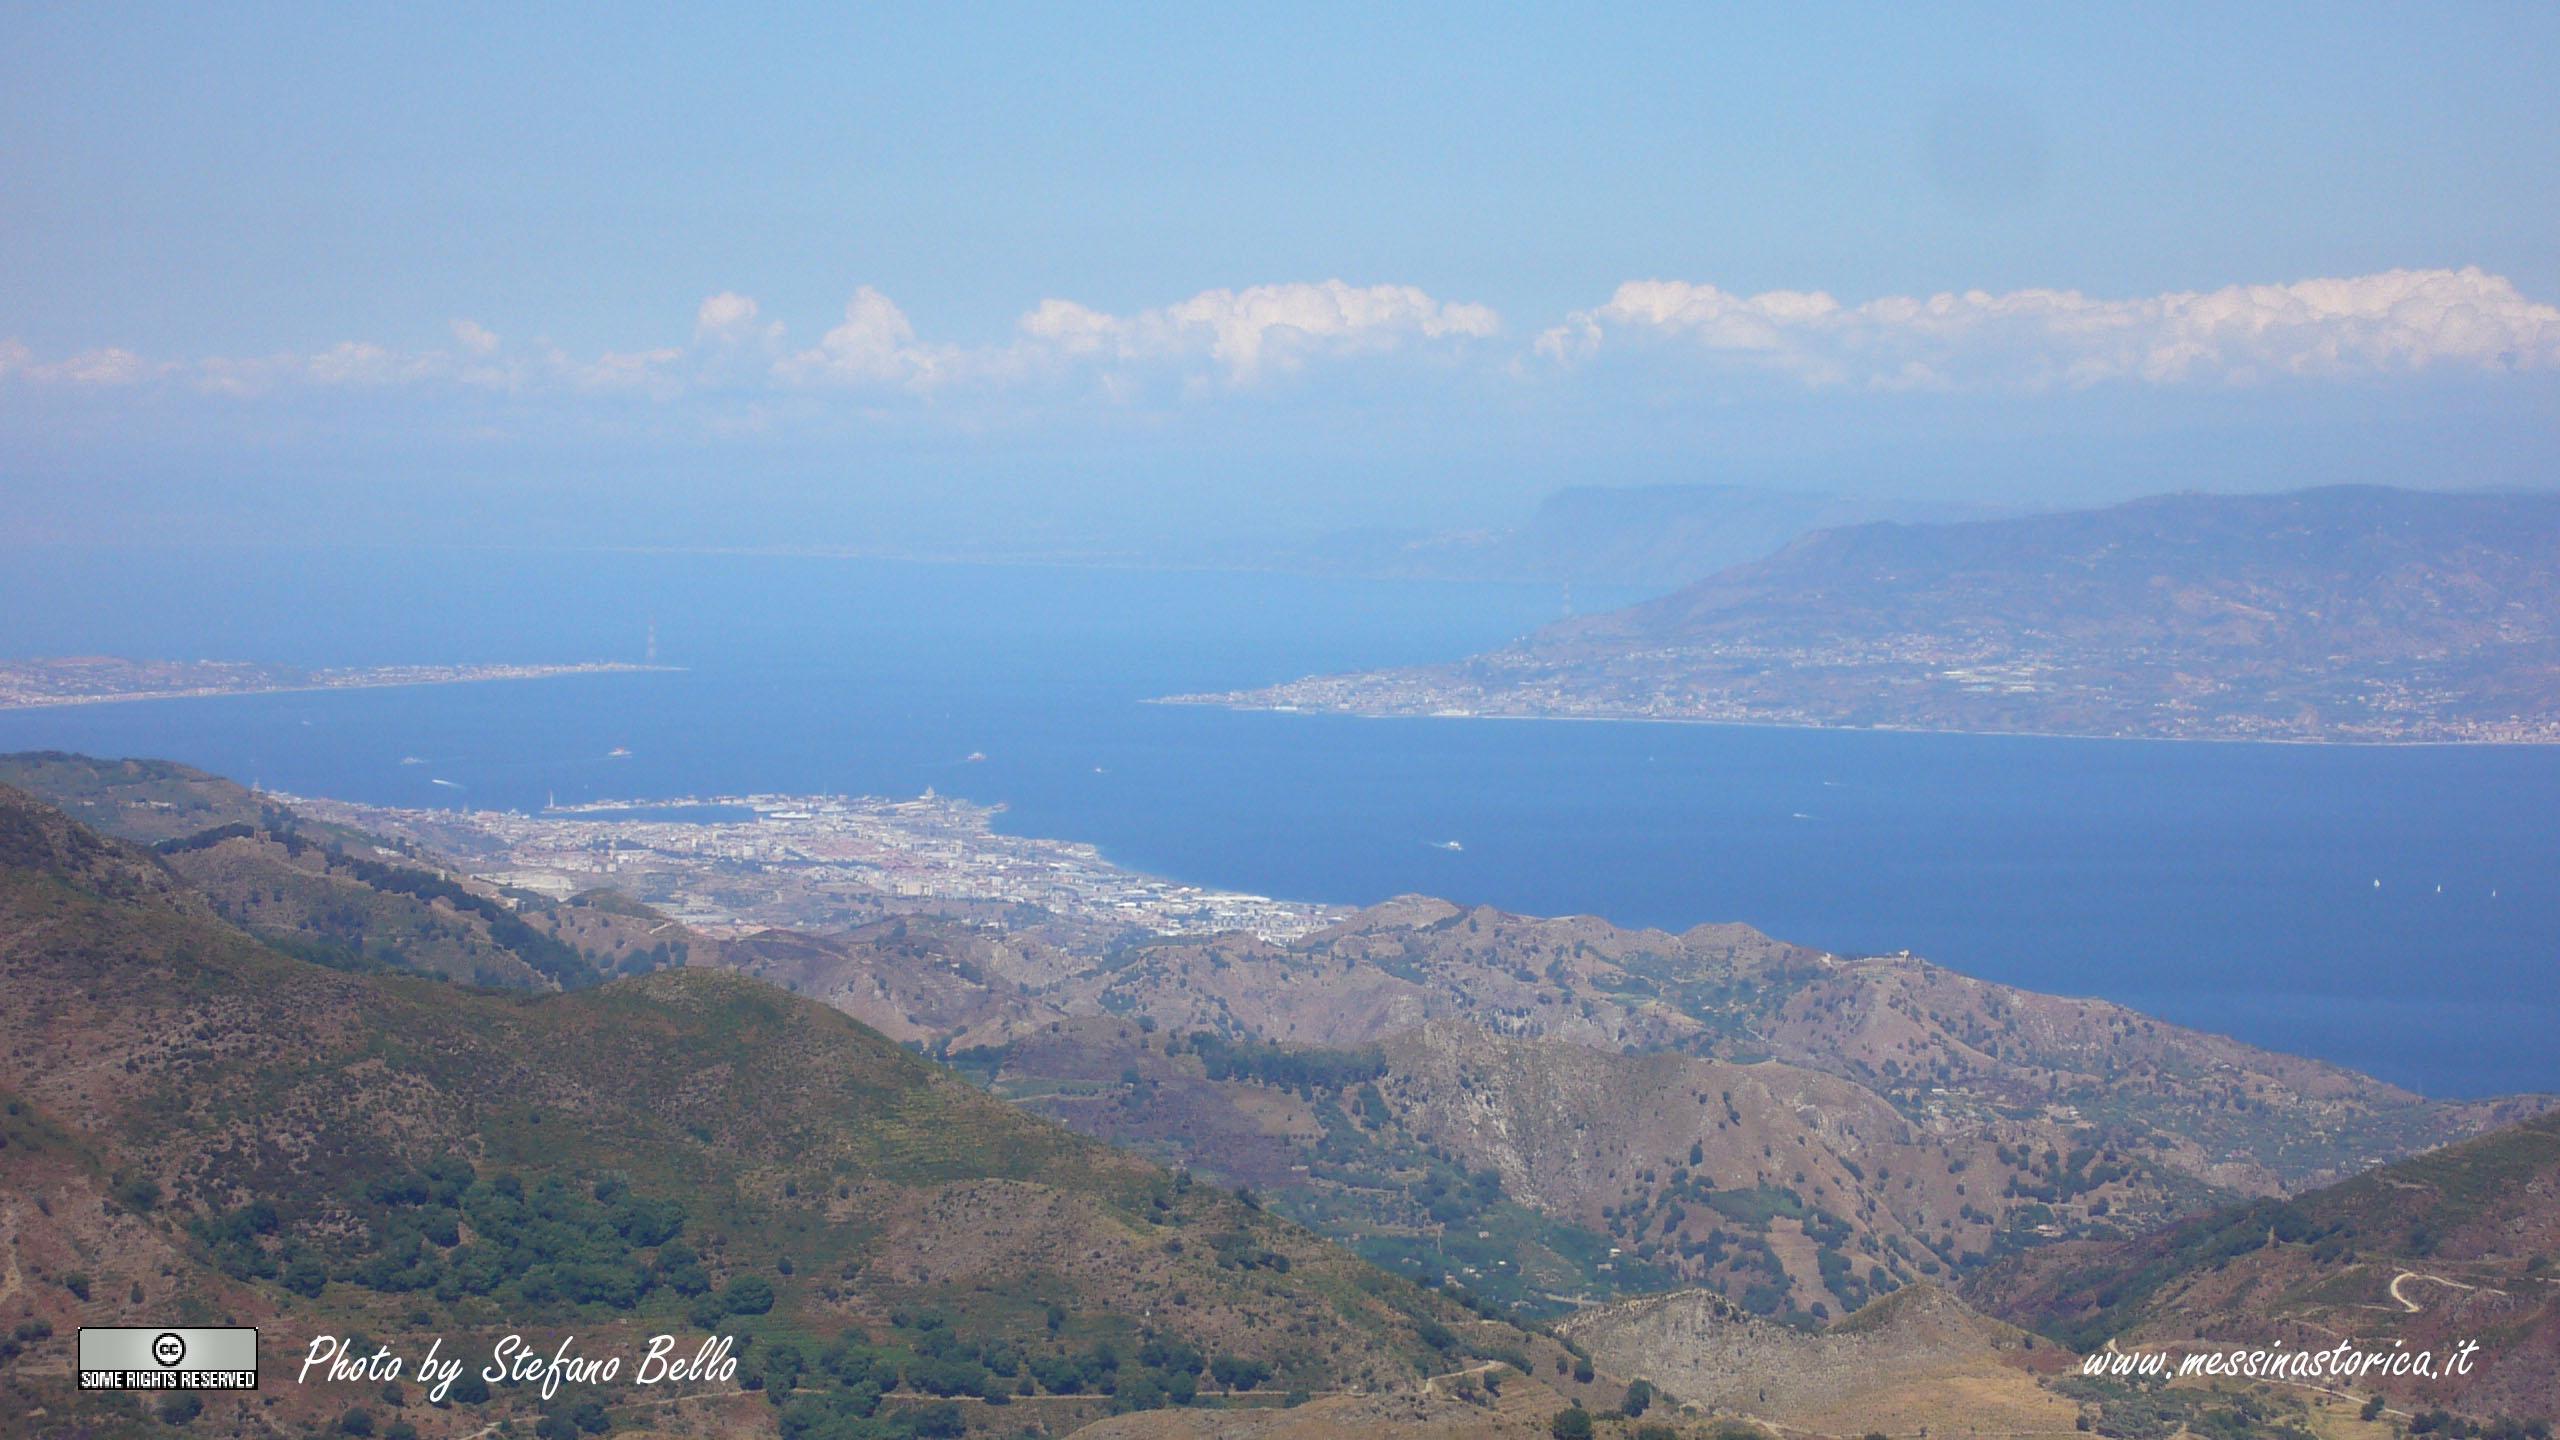 Lo Stretto di Messina visto da Portella Salìci, sulla strada che porta al Monte Scuderi; sullo sfondo si nota Capo Vaticano e, ancora più a Nord, la parte terminale del Golfo di Lamezia - FOTO IN FORMATO 16:9